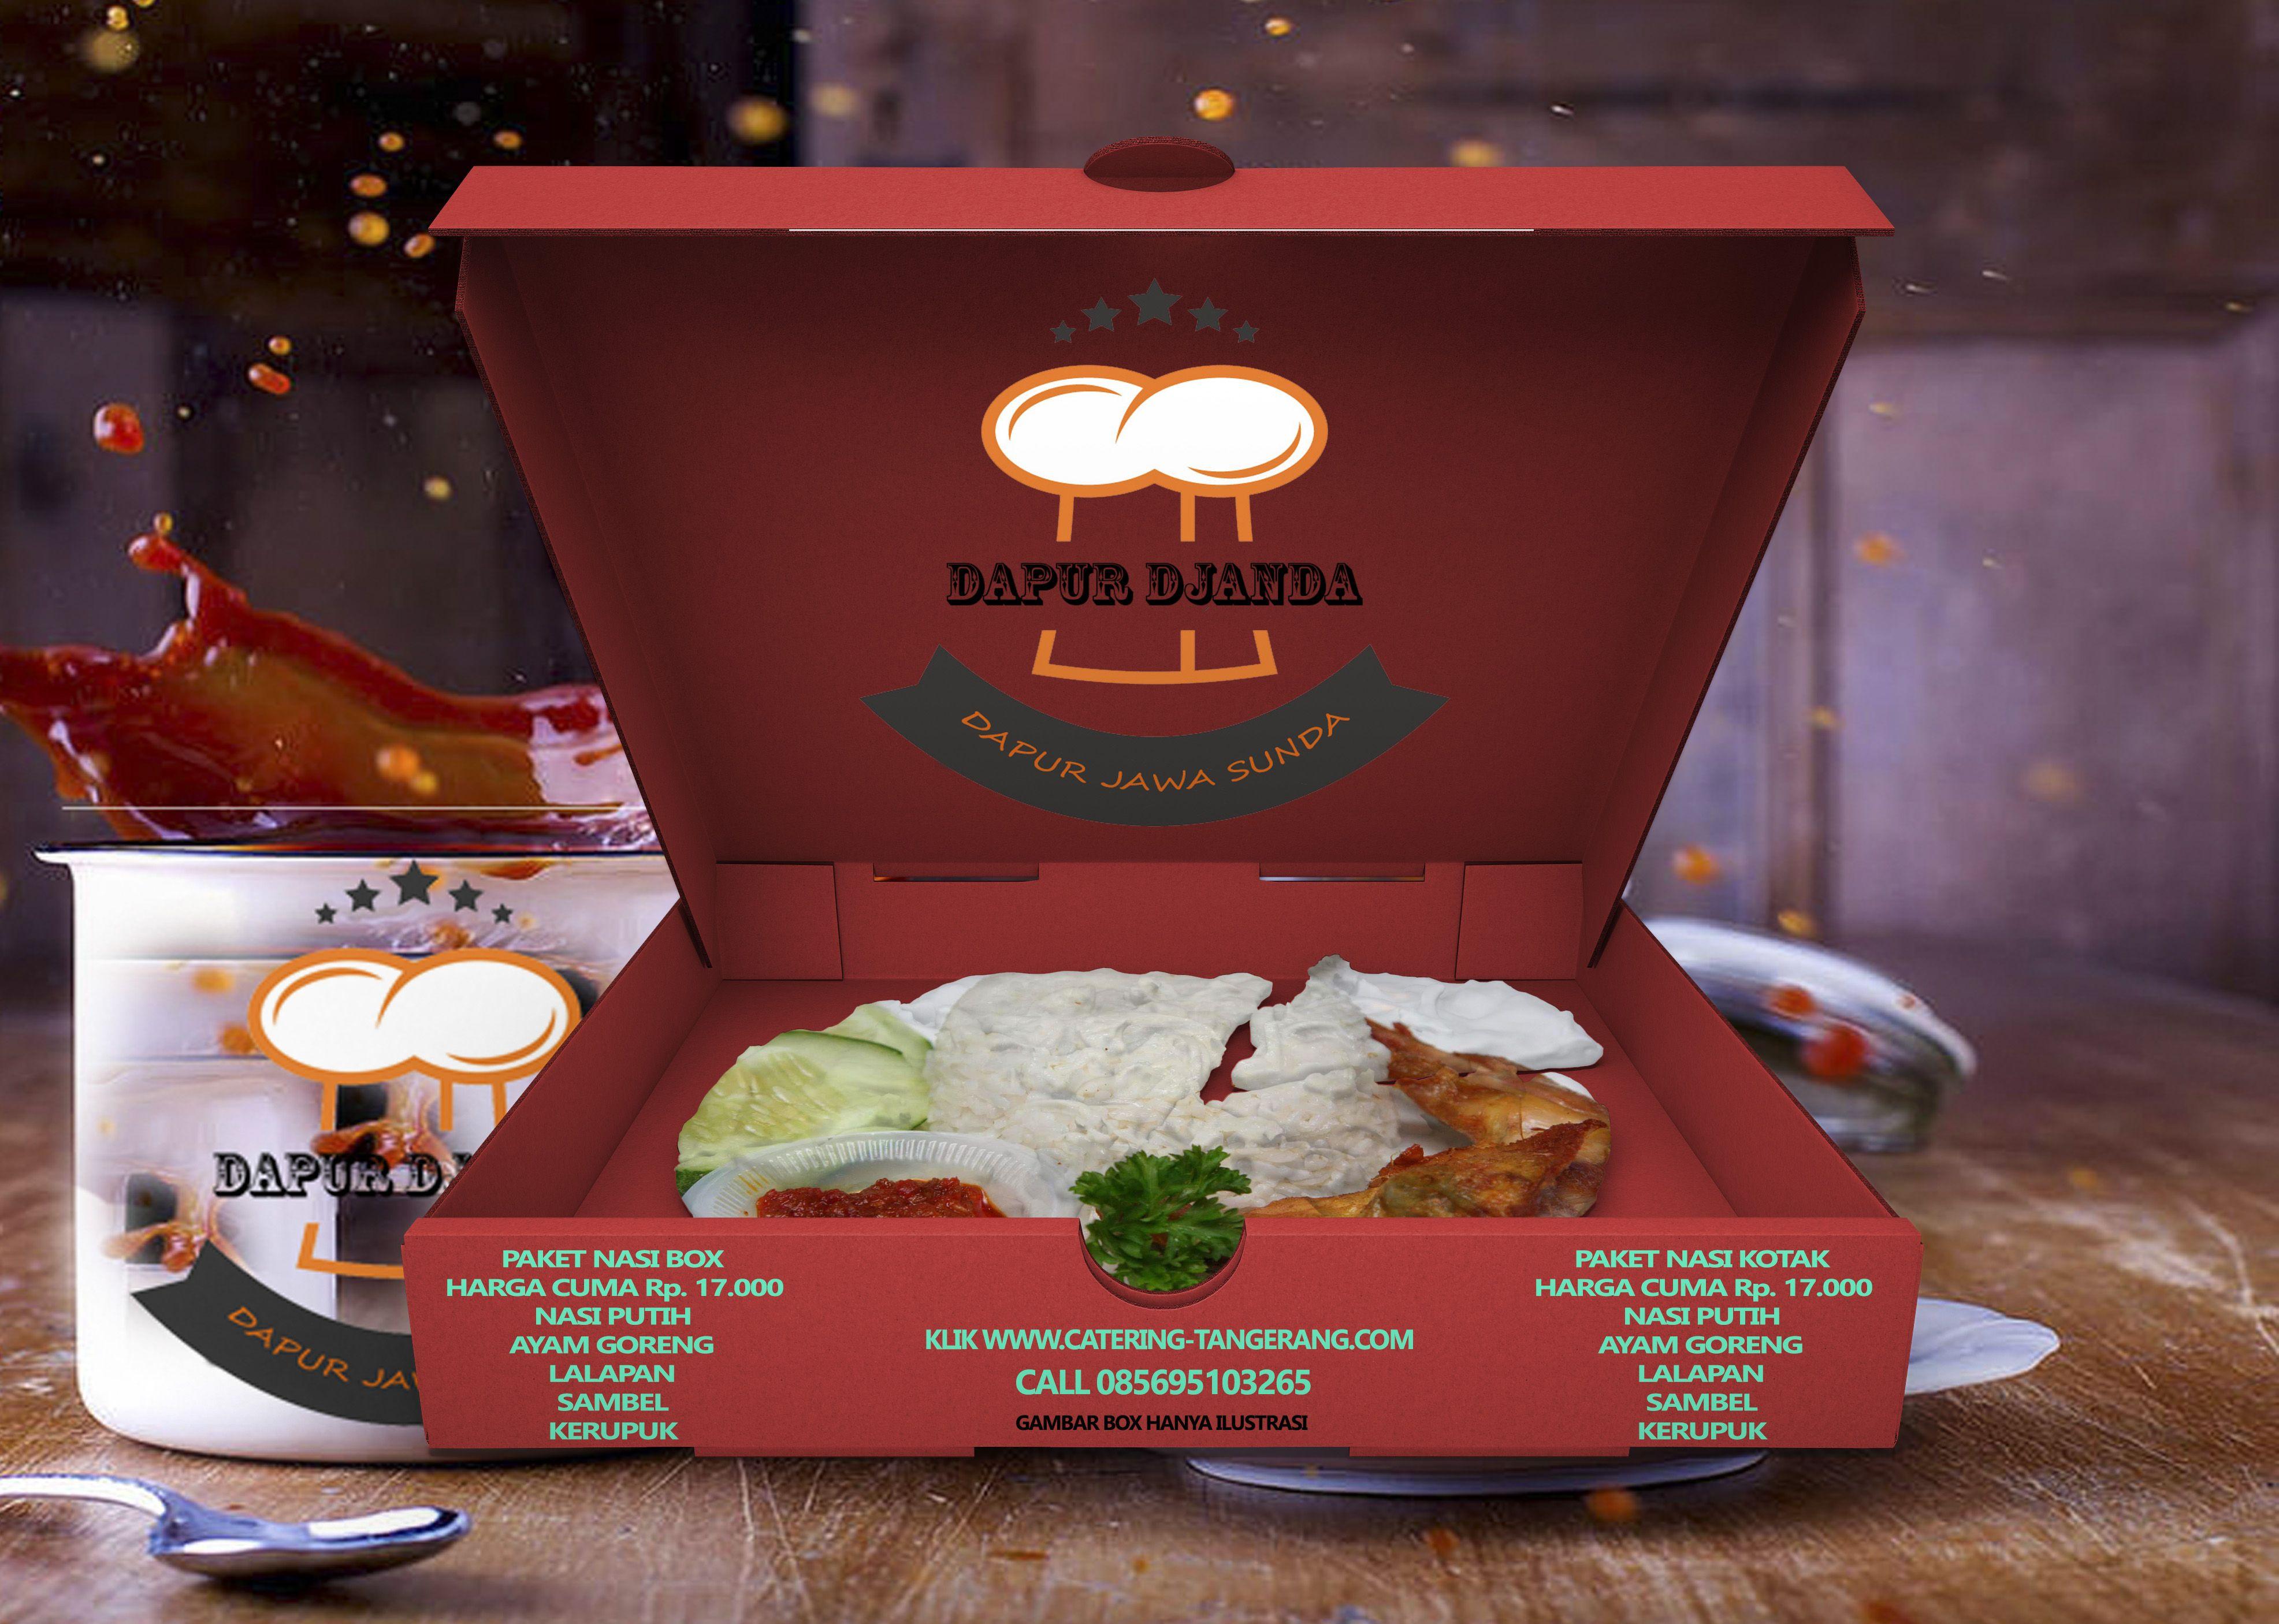 Contoh Proposal Usaha Catering Box - Contoh Makalah ...